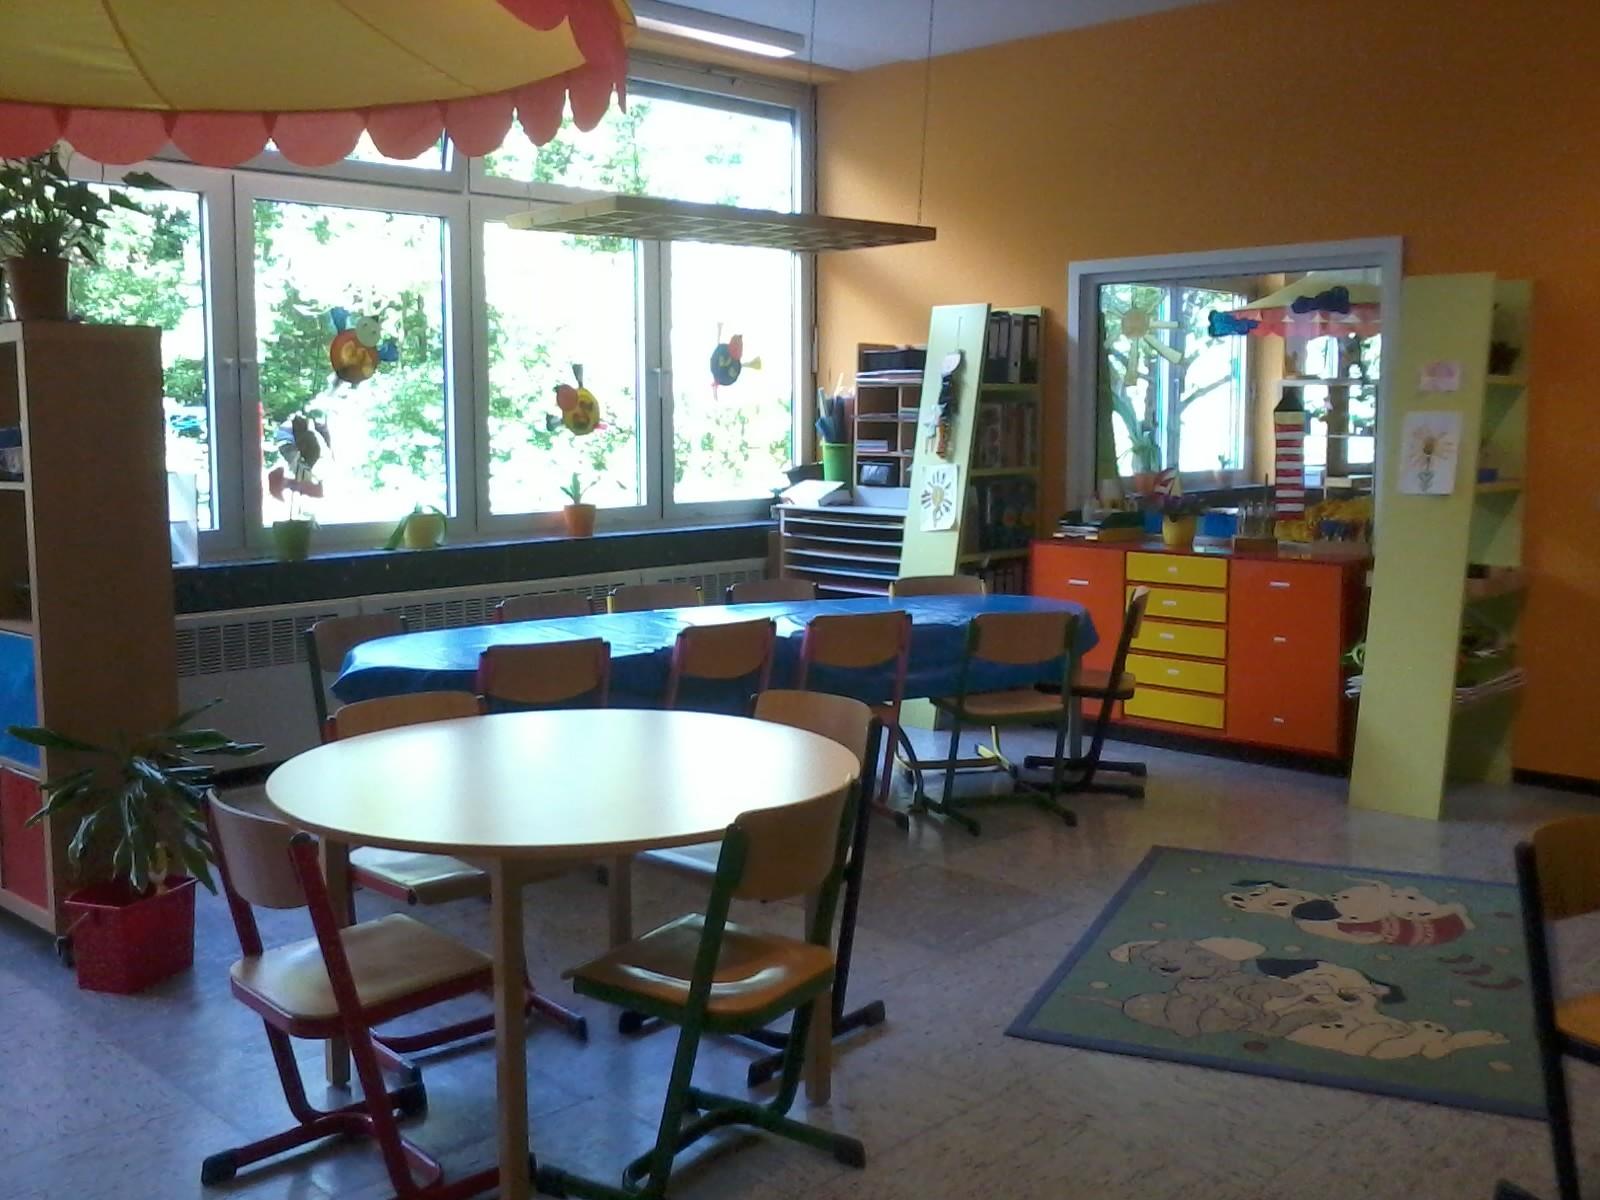 Bastelraum - Wie der Name schon sagt, wird hier gebastelt. Die Kinder können zu den passenden Jahreszeiten kreativ aktiv werden.